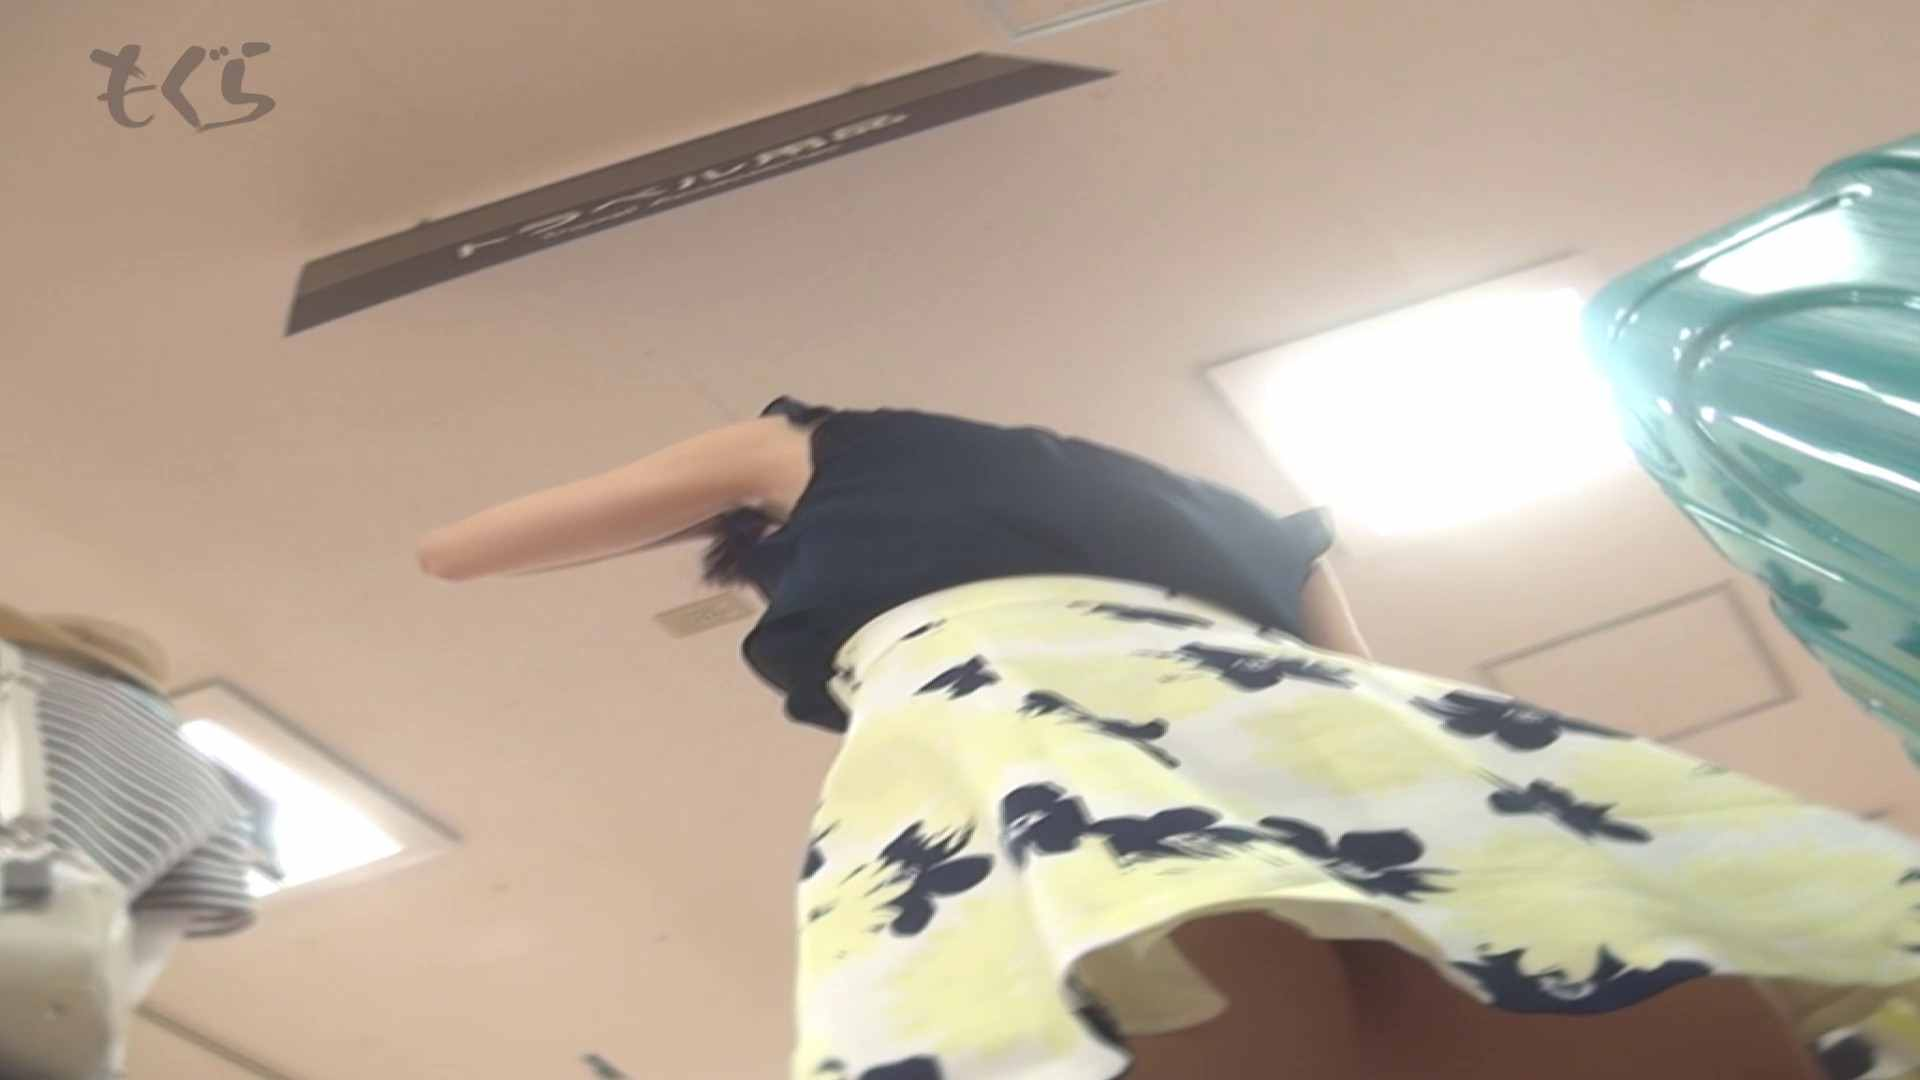 隣からNo14 夏感漂うひらひらスカート!! 丸見え | 高画質動画  50画像 16